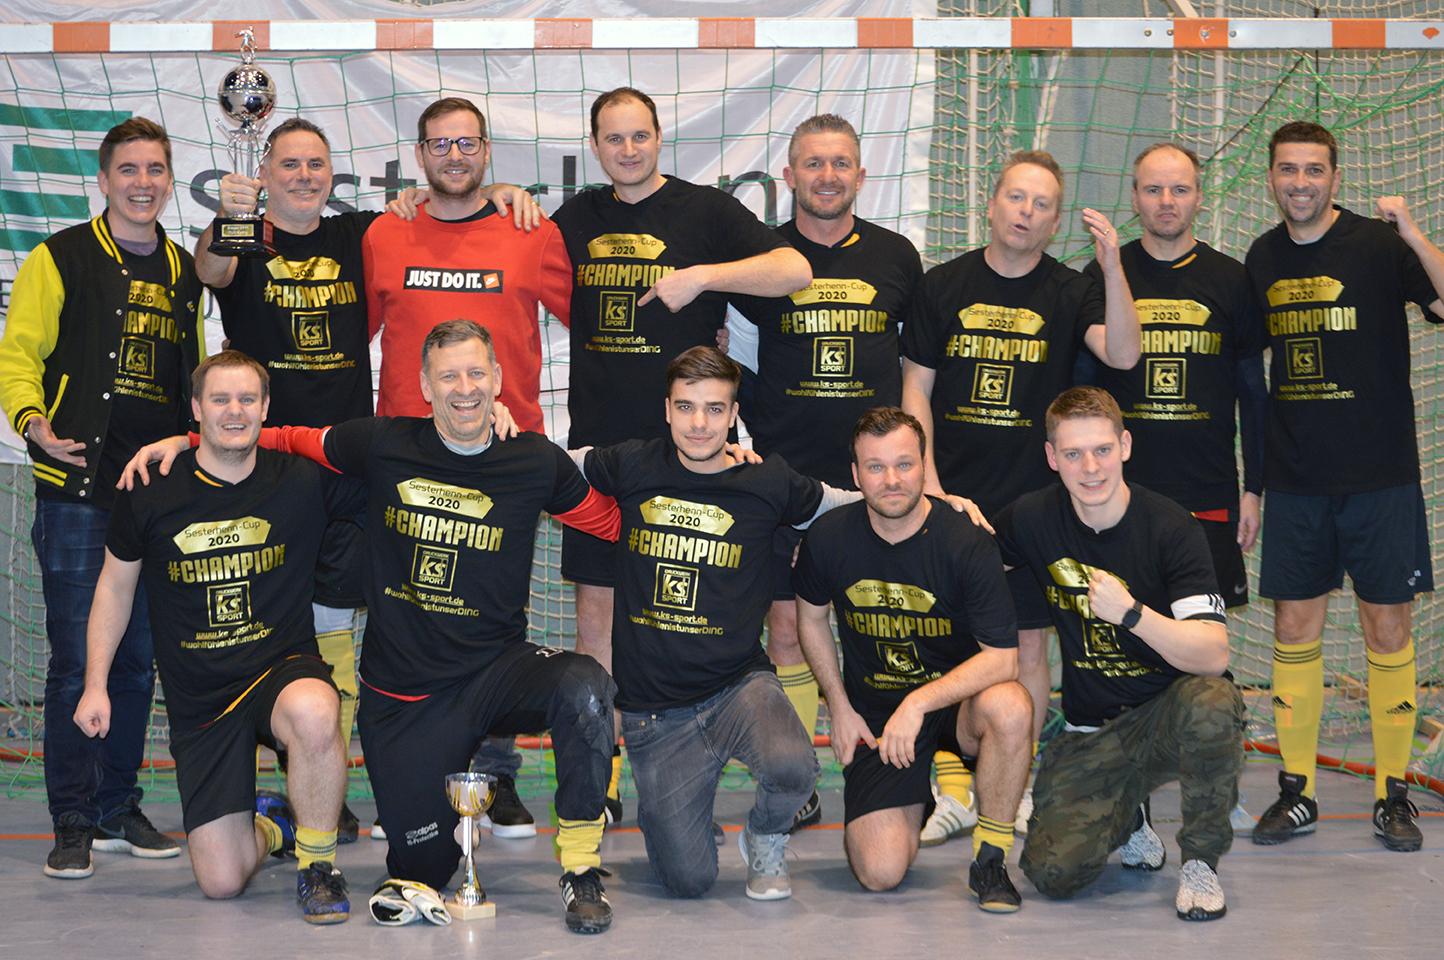 SV Elz heißt der Sieger beim diesjährigen Turnier der Alten Herren.